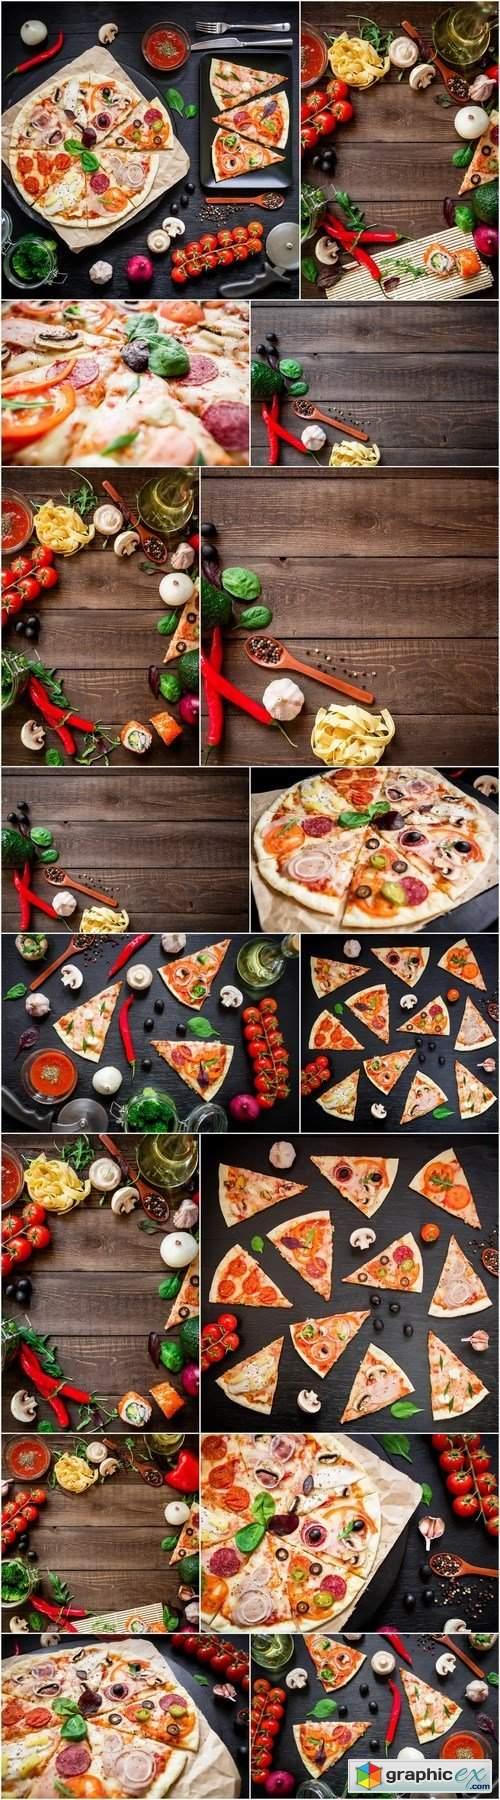 Tasty Italian Pizza - 16xHQ JPEG